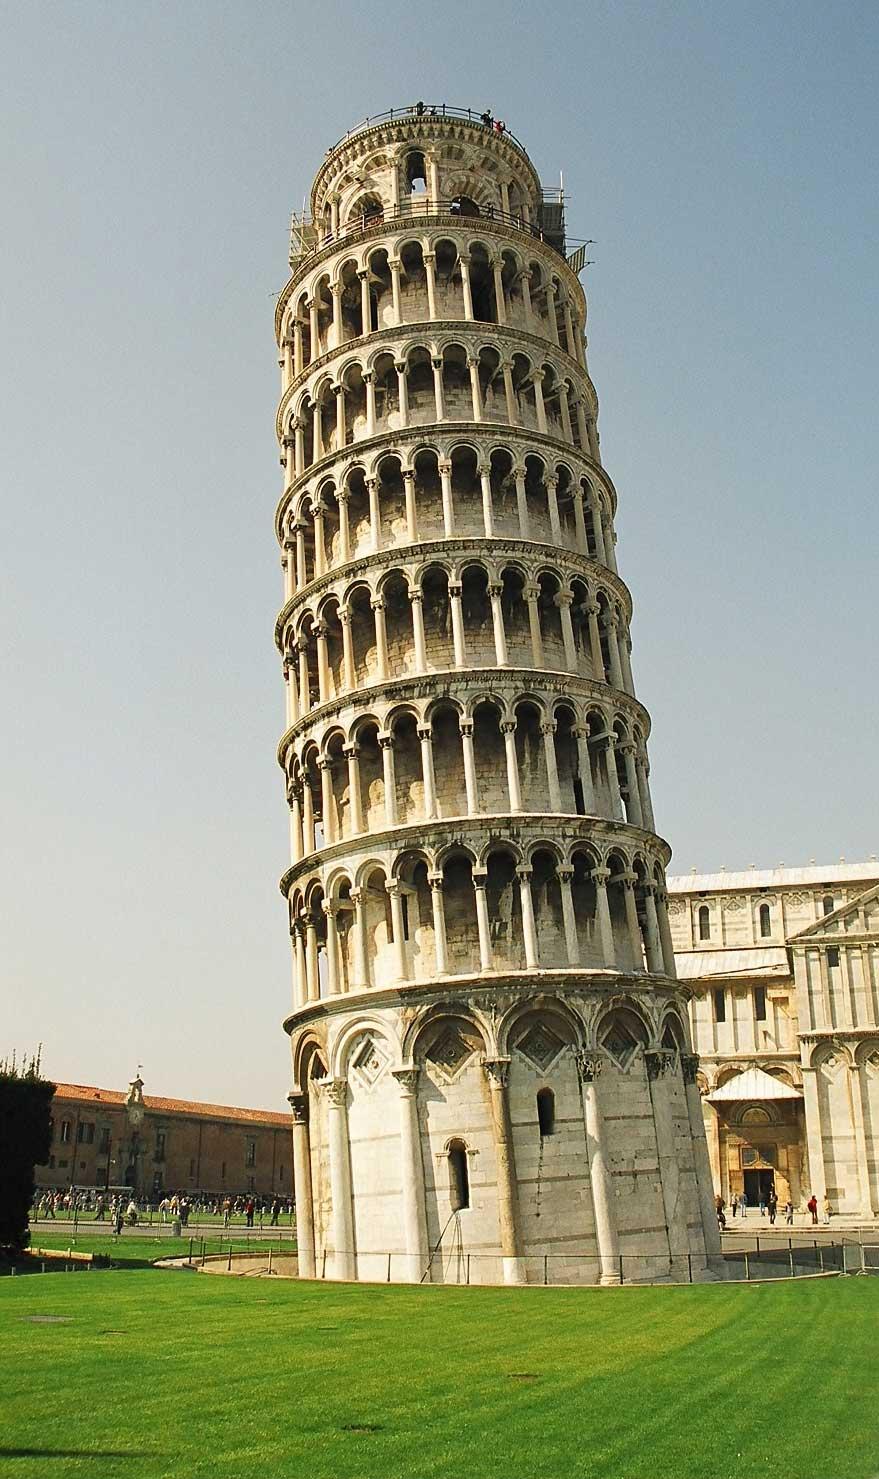 Torre De Pisa Megaconstrucciones Extreme Engineering